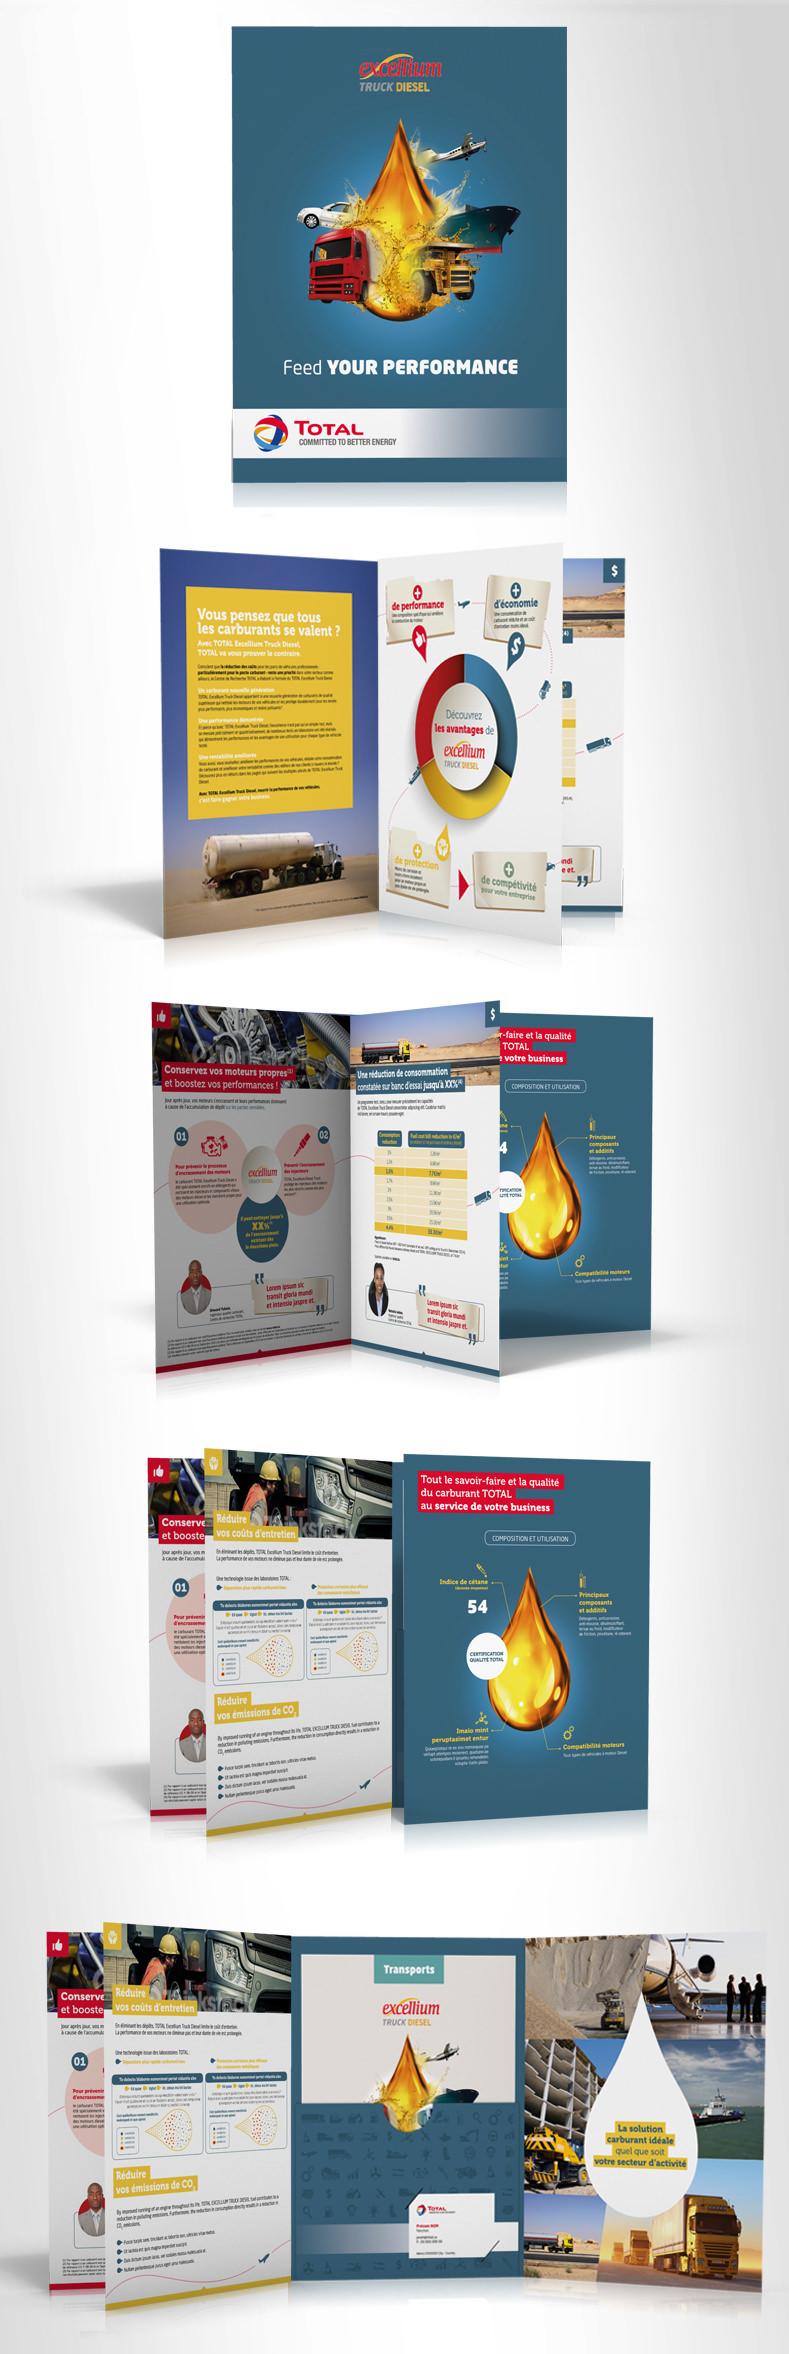 LSZ Communication - Graphiste freelance Nantes #Lepetitoiseaudelacom - TOTAL AMO Excellium - plaquette - Agence Caribou